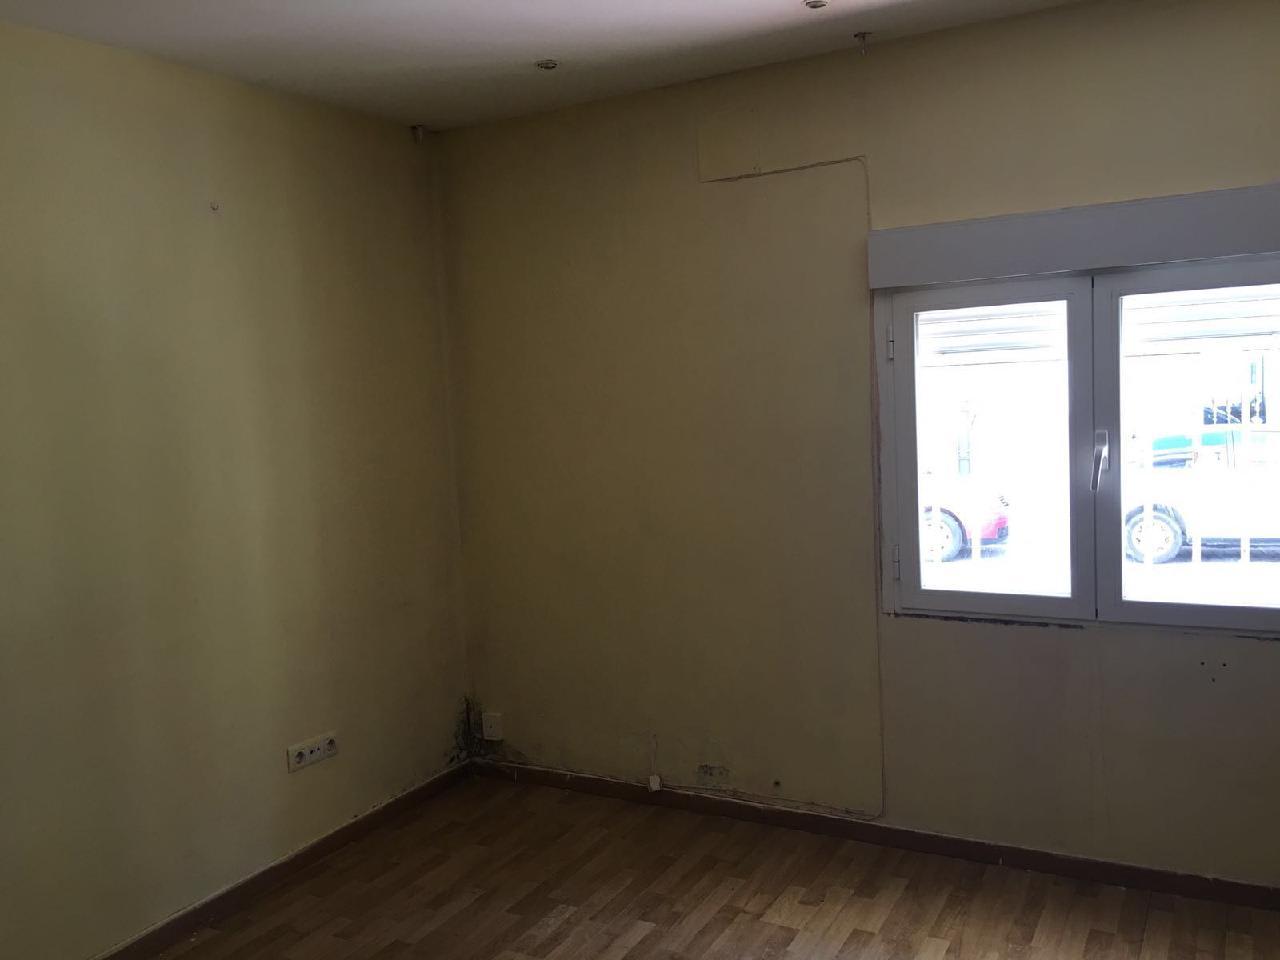 Piso en venta en Las Delicias, Valladolid, Valladolid, Calle Bata, 39.007 €, 3 habitaciones, 1 baño, 57 m2